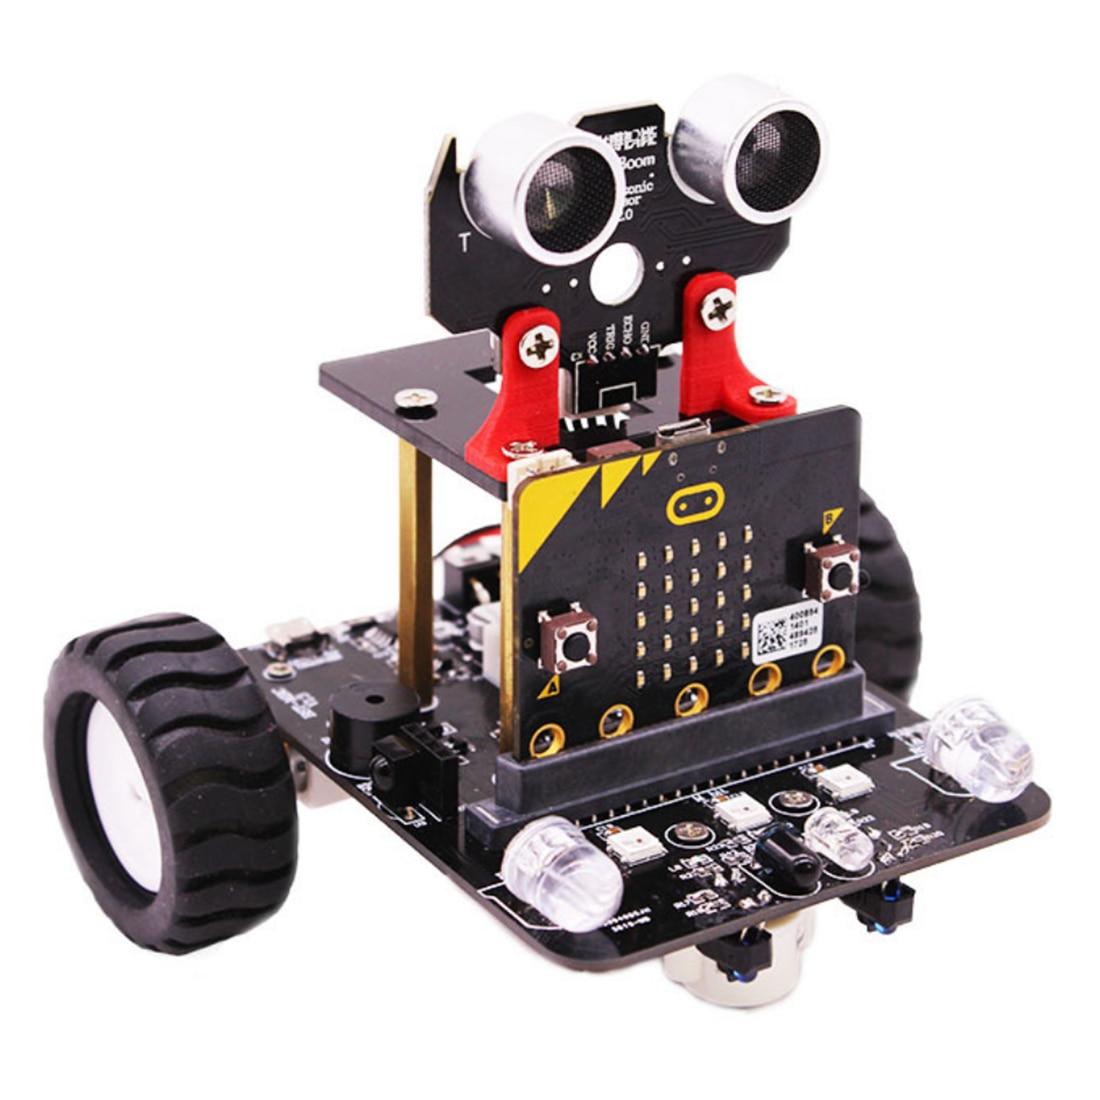 Графический программируемый робот-автомобиль с Bluetooth ИК и трекинговым модулем, паровой робот-игрушка для микро: бит Bbc - Цвет: Without Mainboard